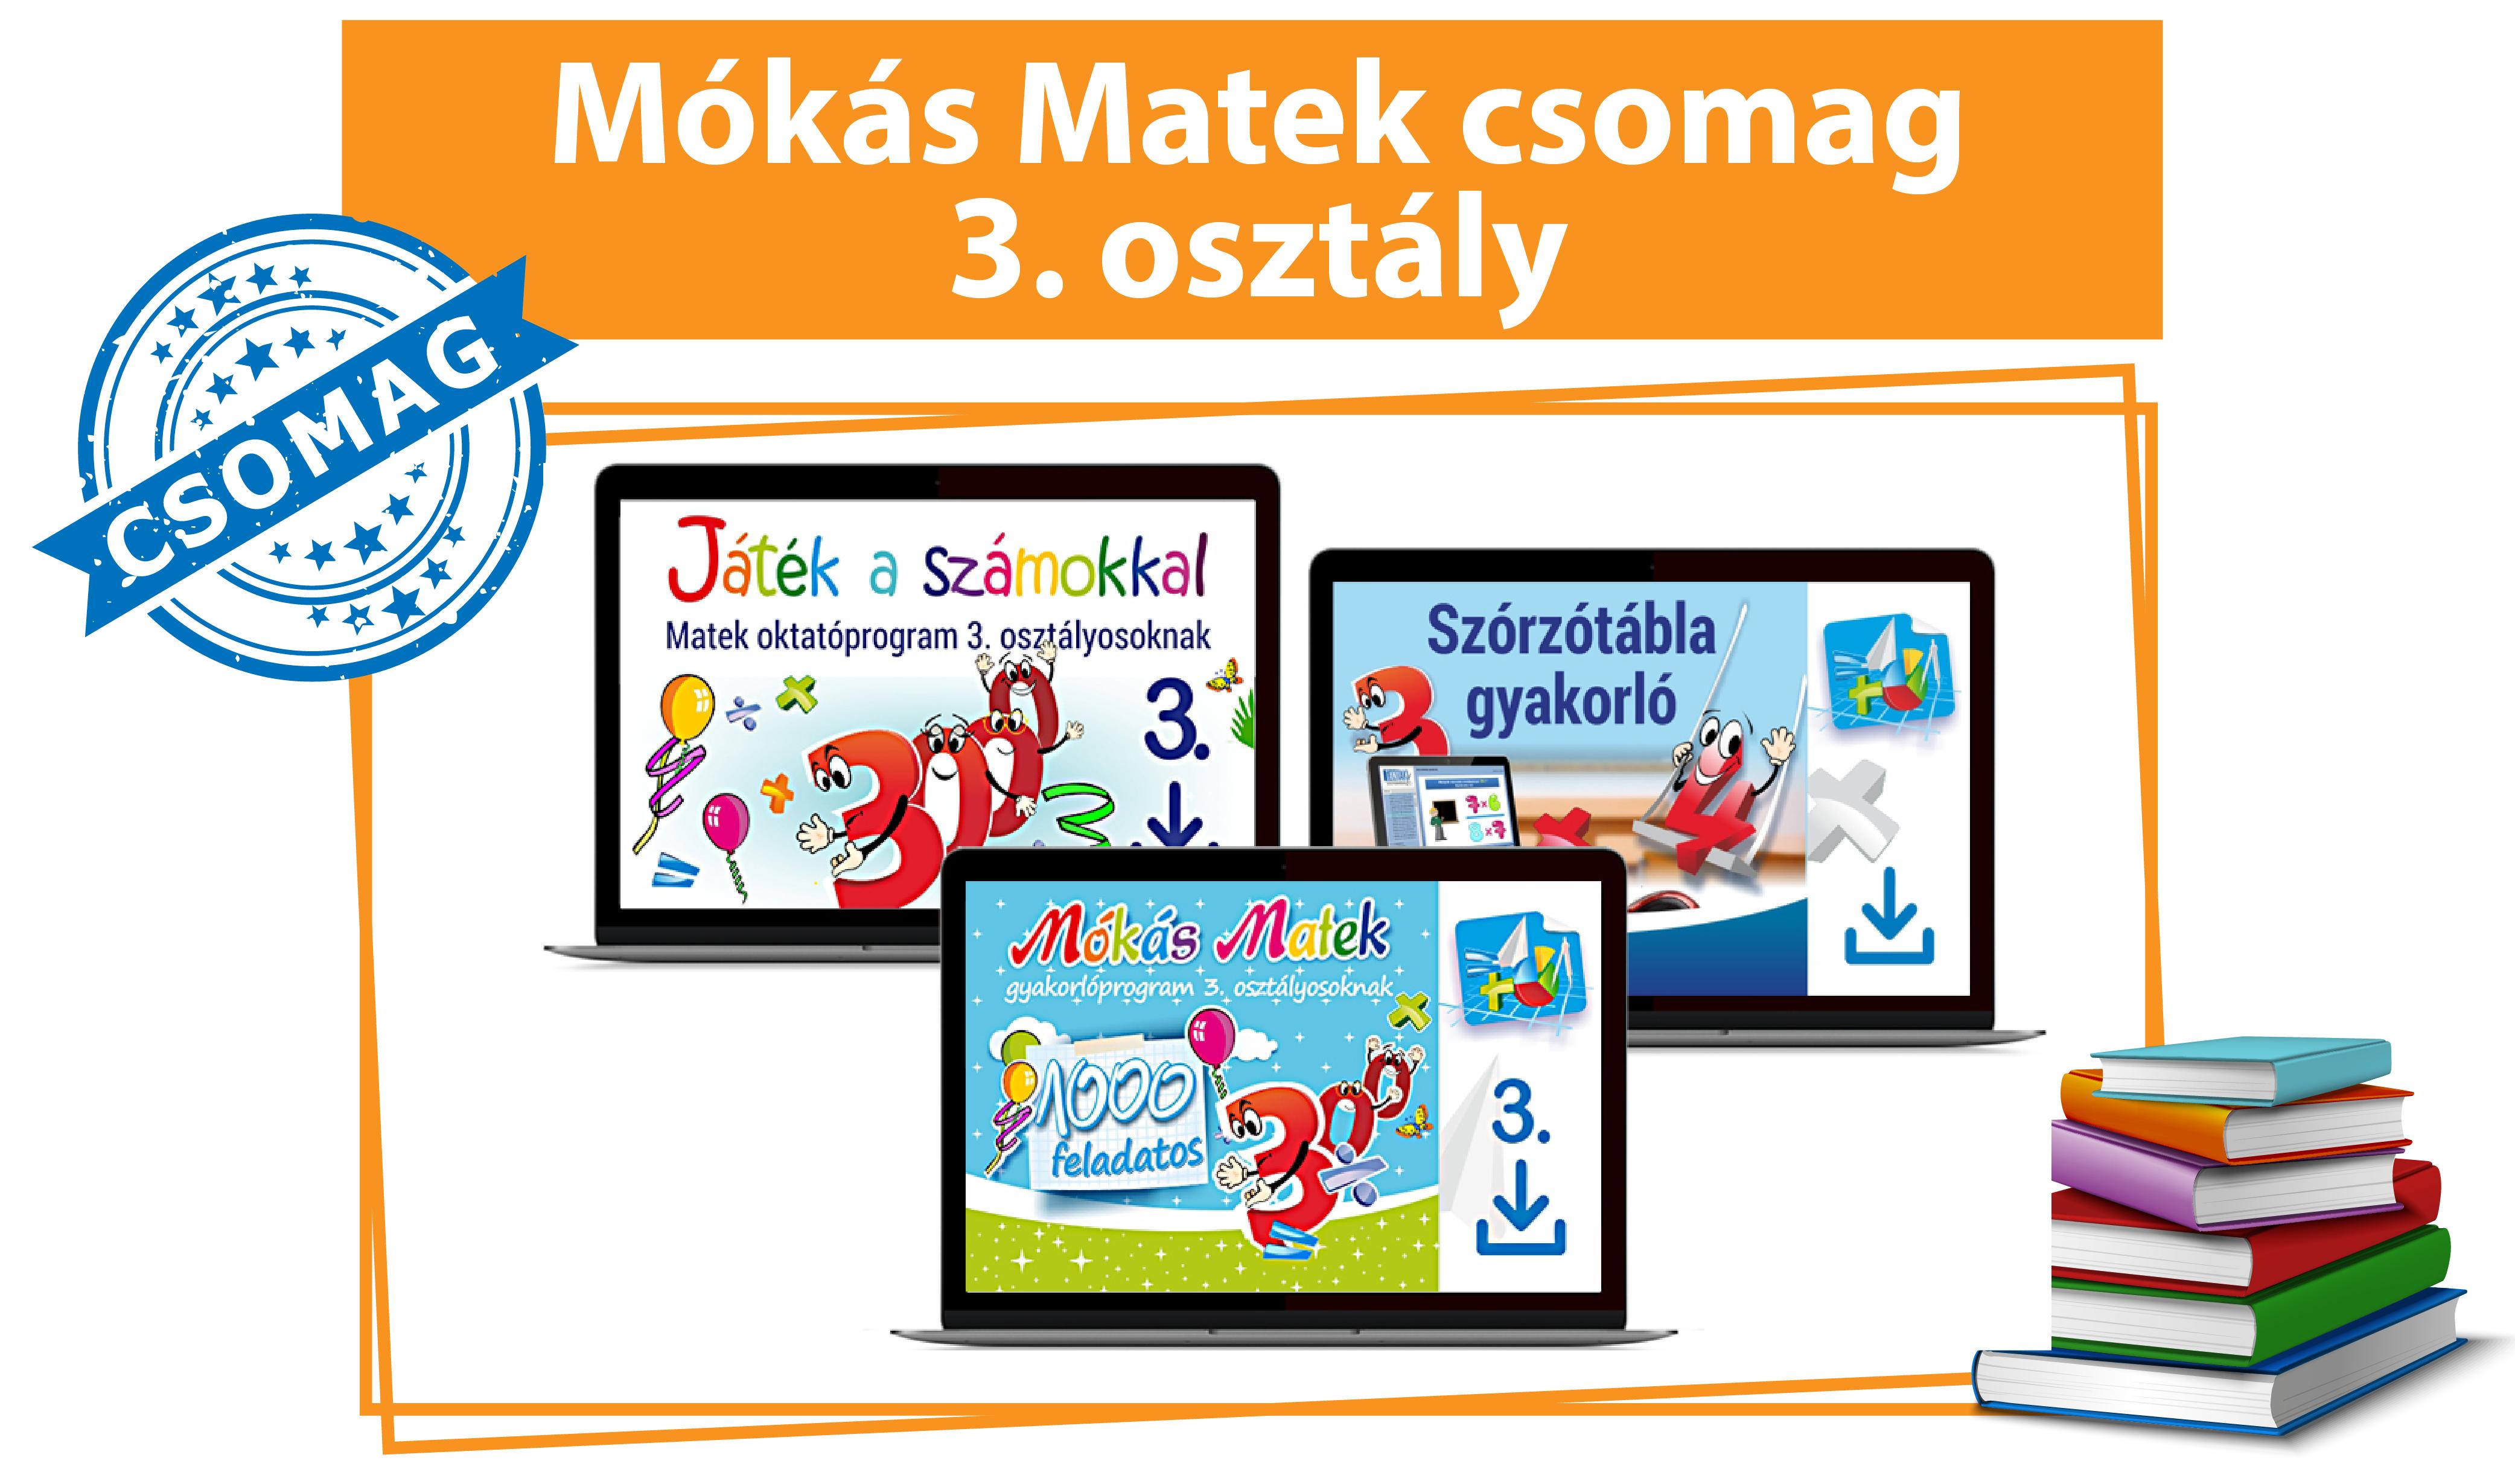 Mókás Matek Csomag 3. osztályosoknak